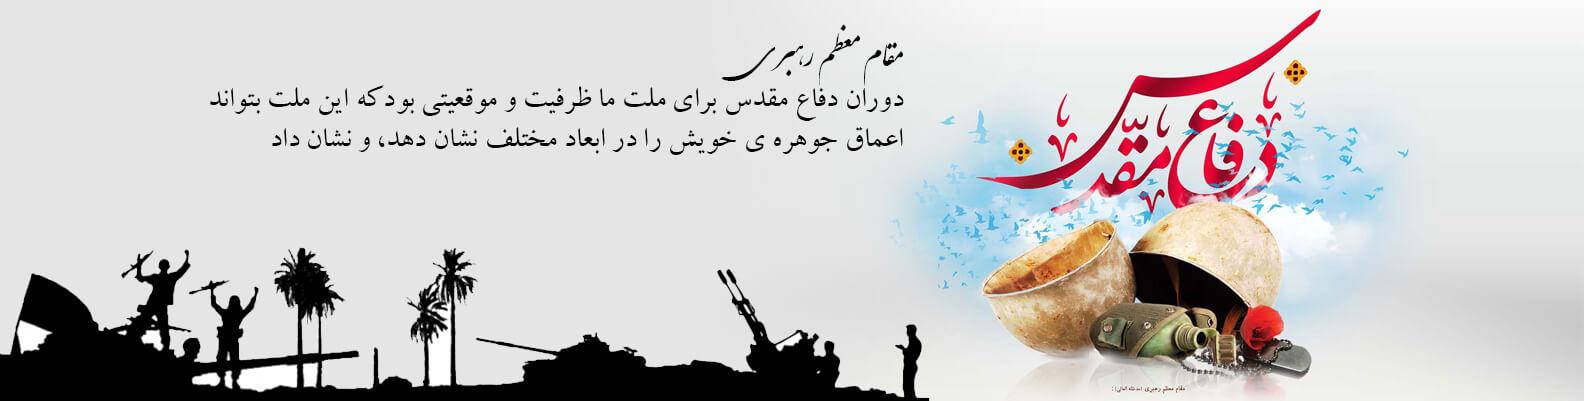 مقام معظم رهبری  :دوران دفاع مقدس برای ملت ما ظرفیت و موقعیتی بودکه این ملت بتواند اعماق جوهره ی خویش را در ابعاد مختلف نشان دهد، و نشان داد